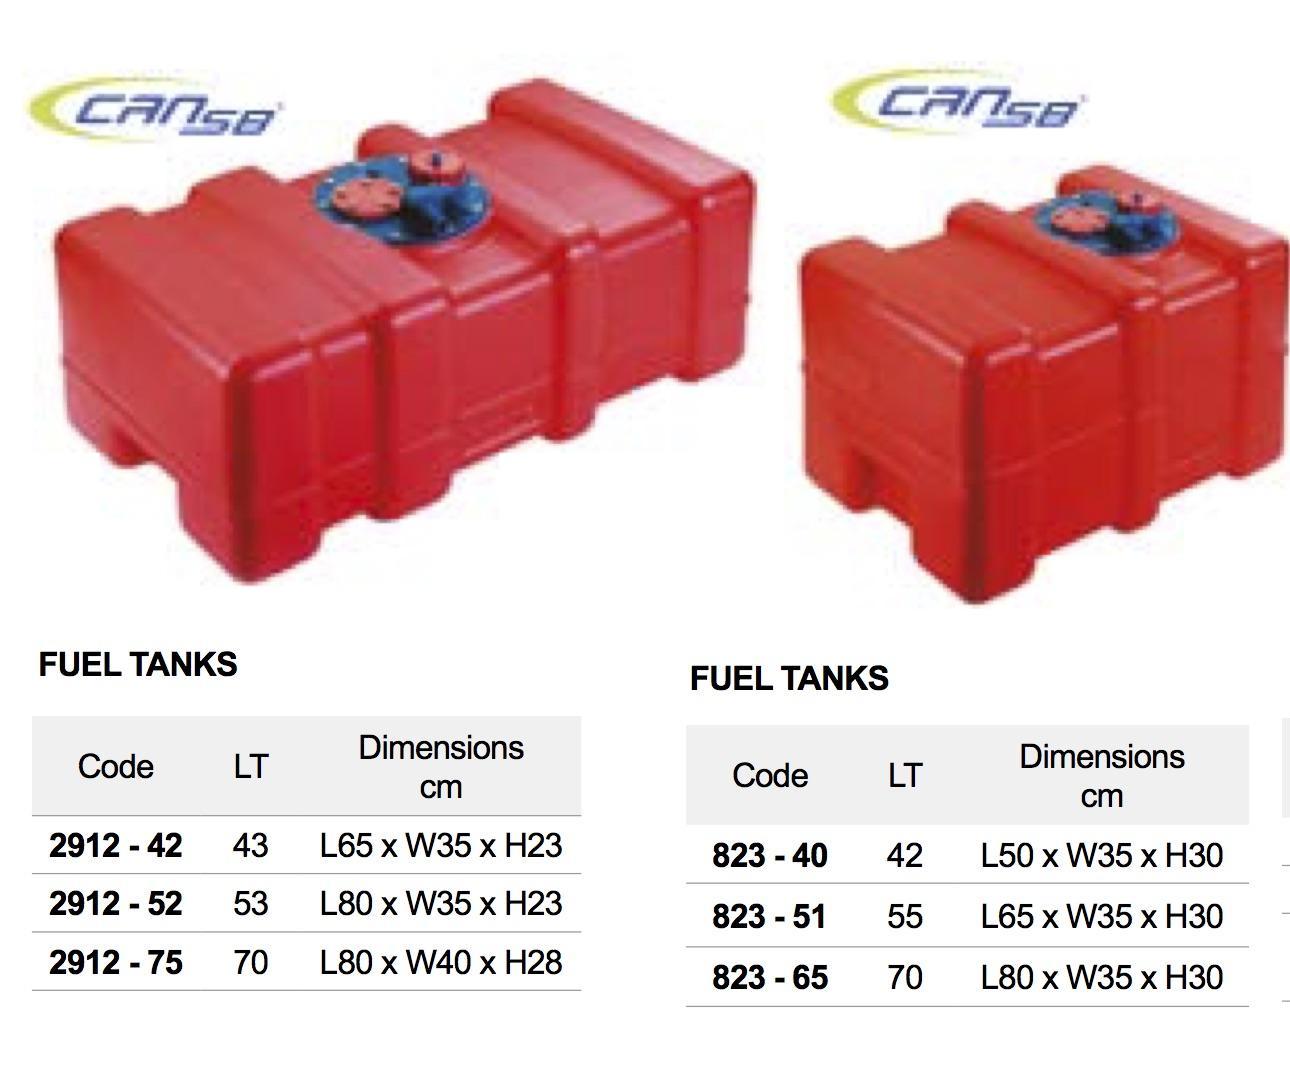 Deposito combustible de 42 - 55 o 70 litros